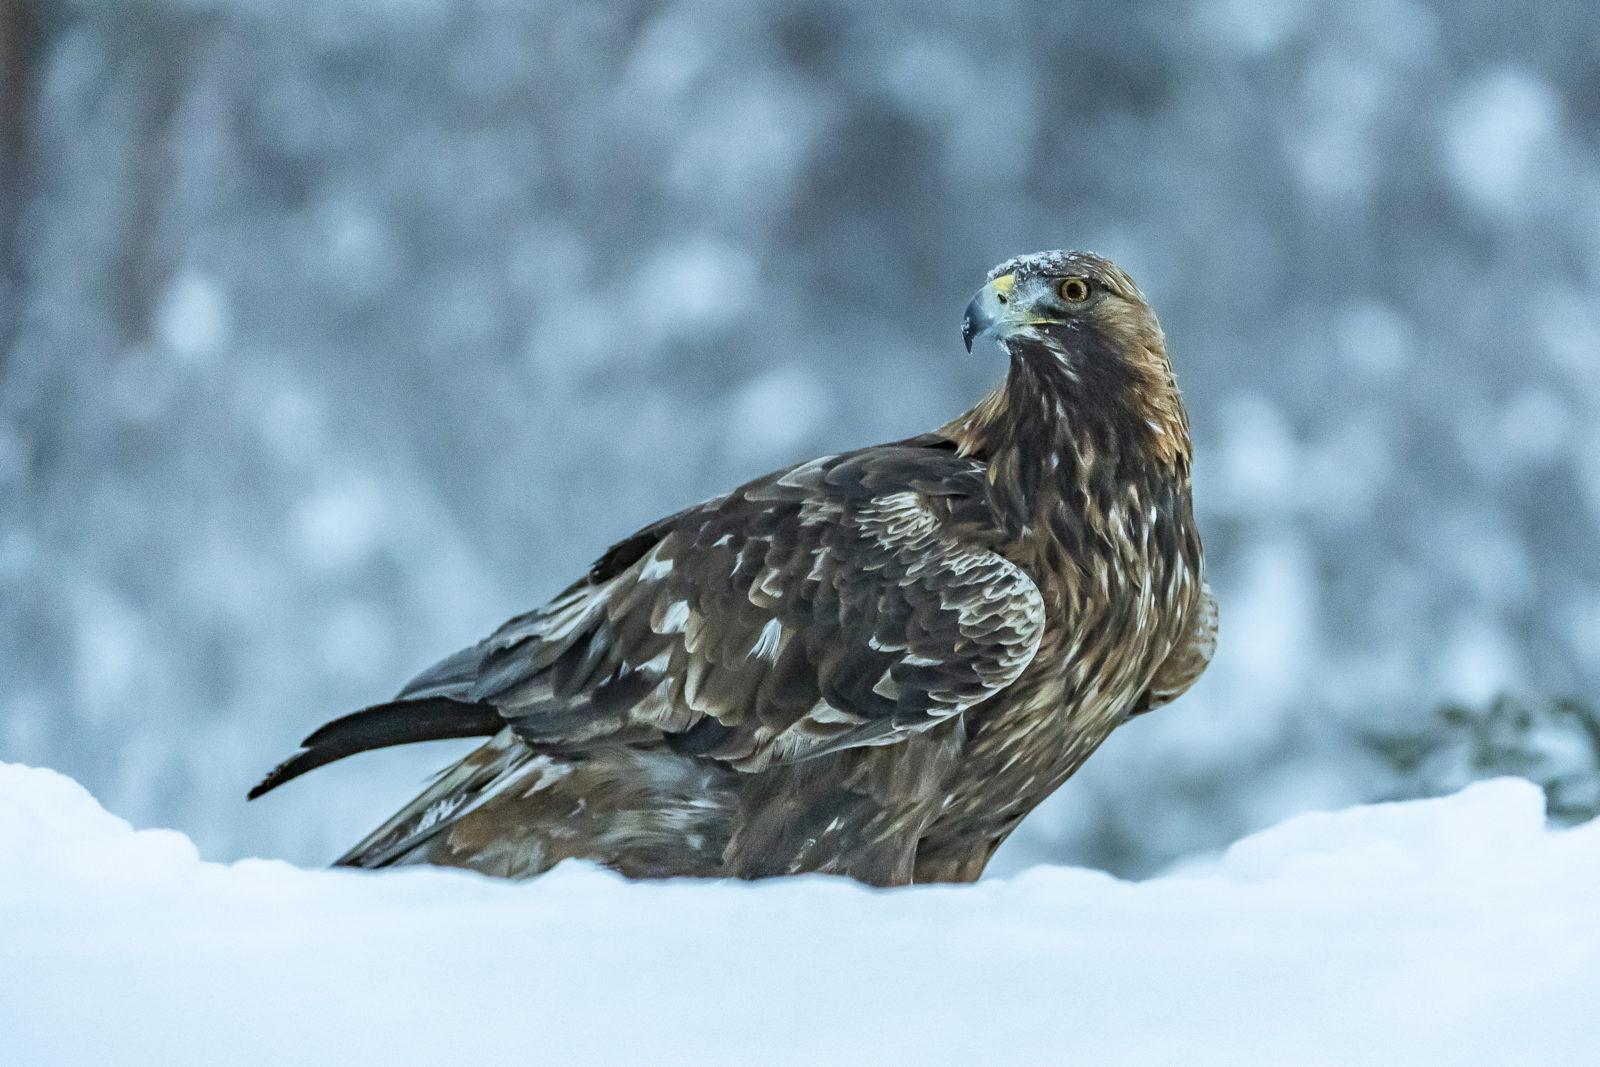 En kongeørn sitter på et snødekt underlag og kikker rundt seg.